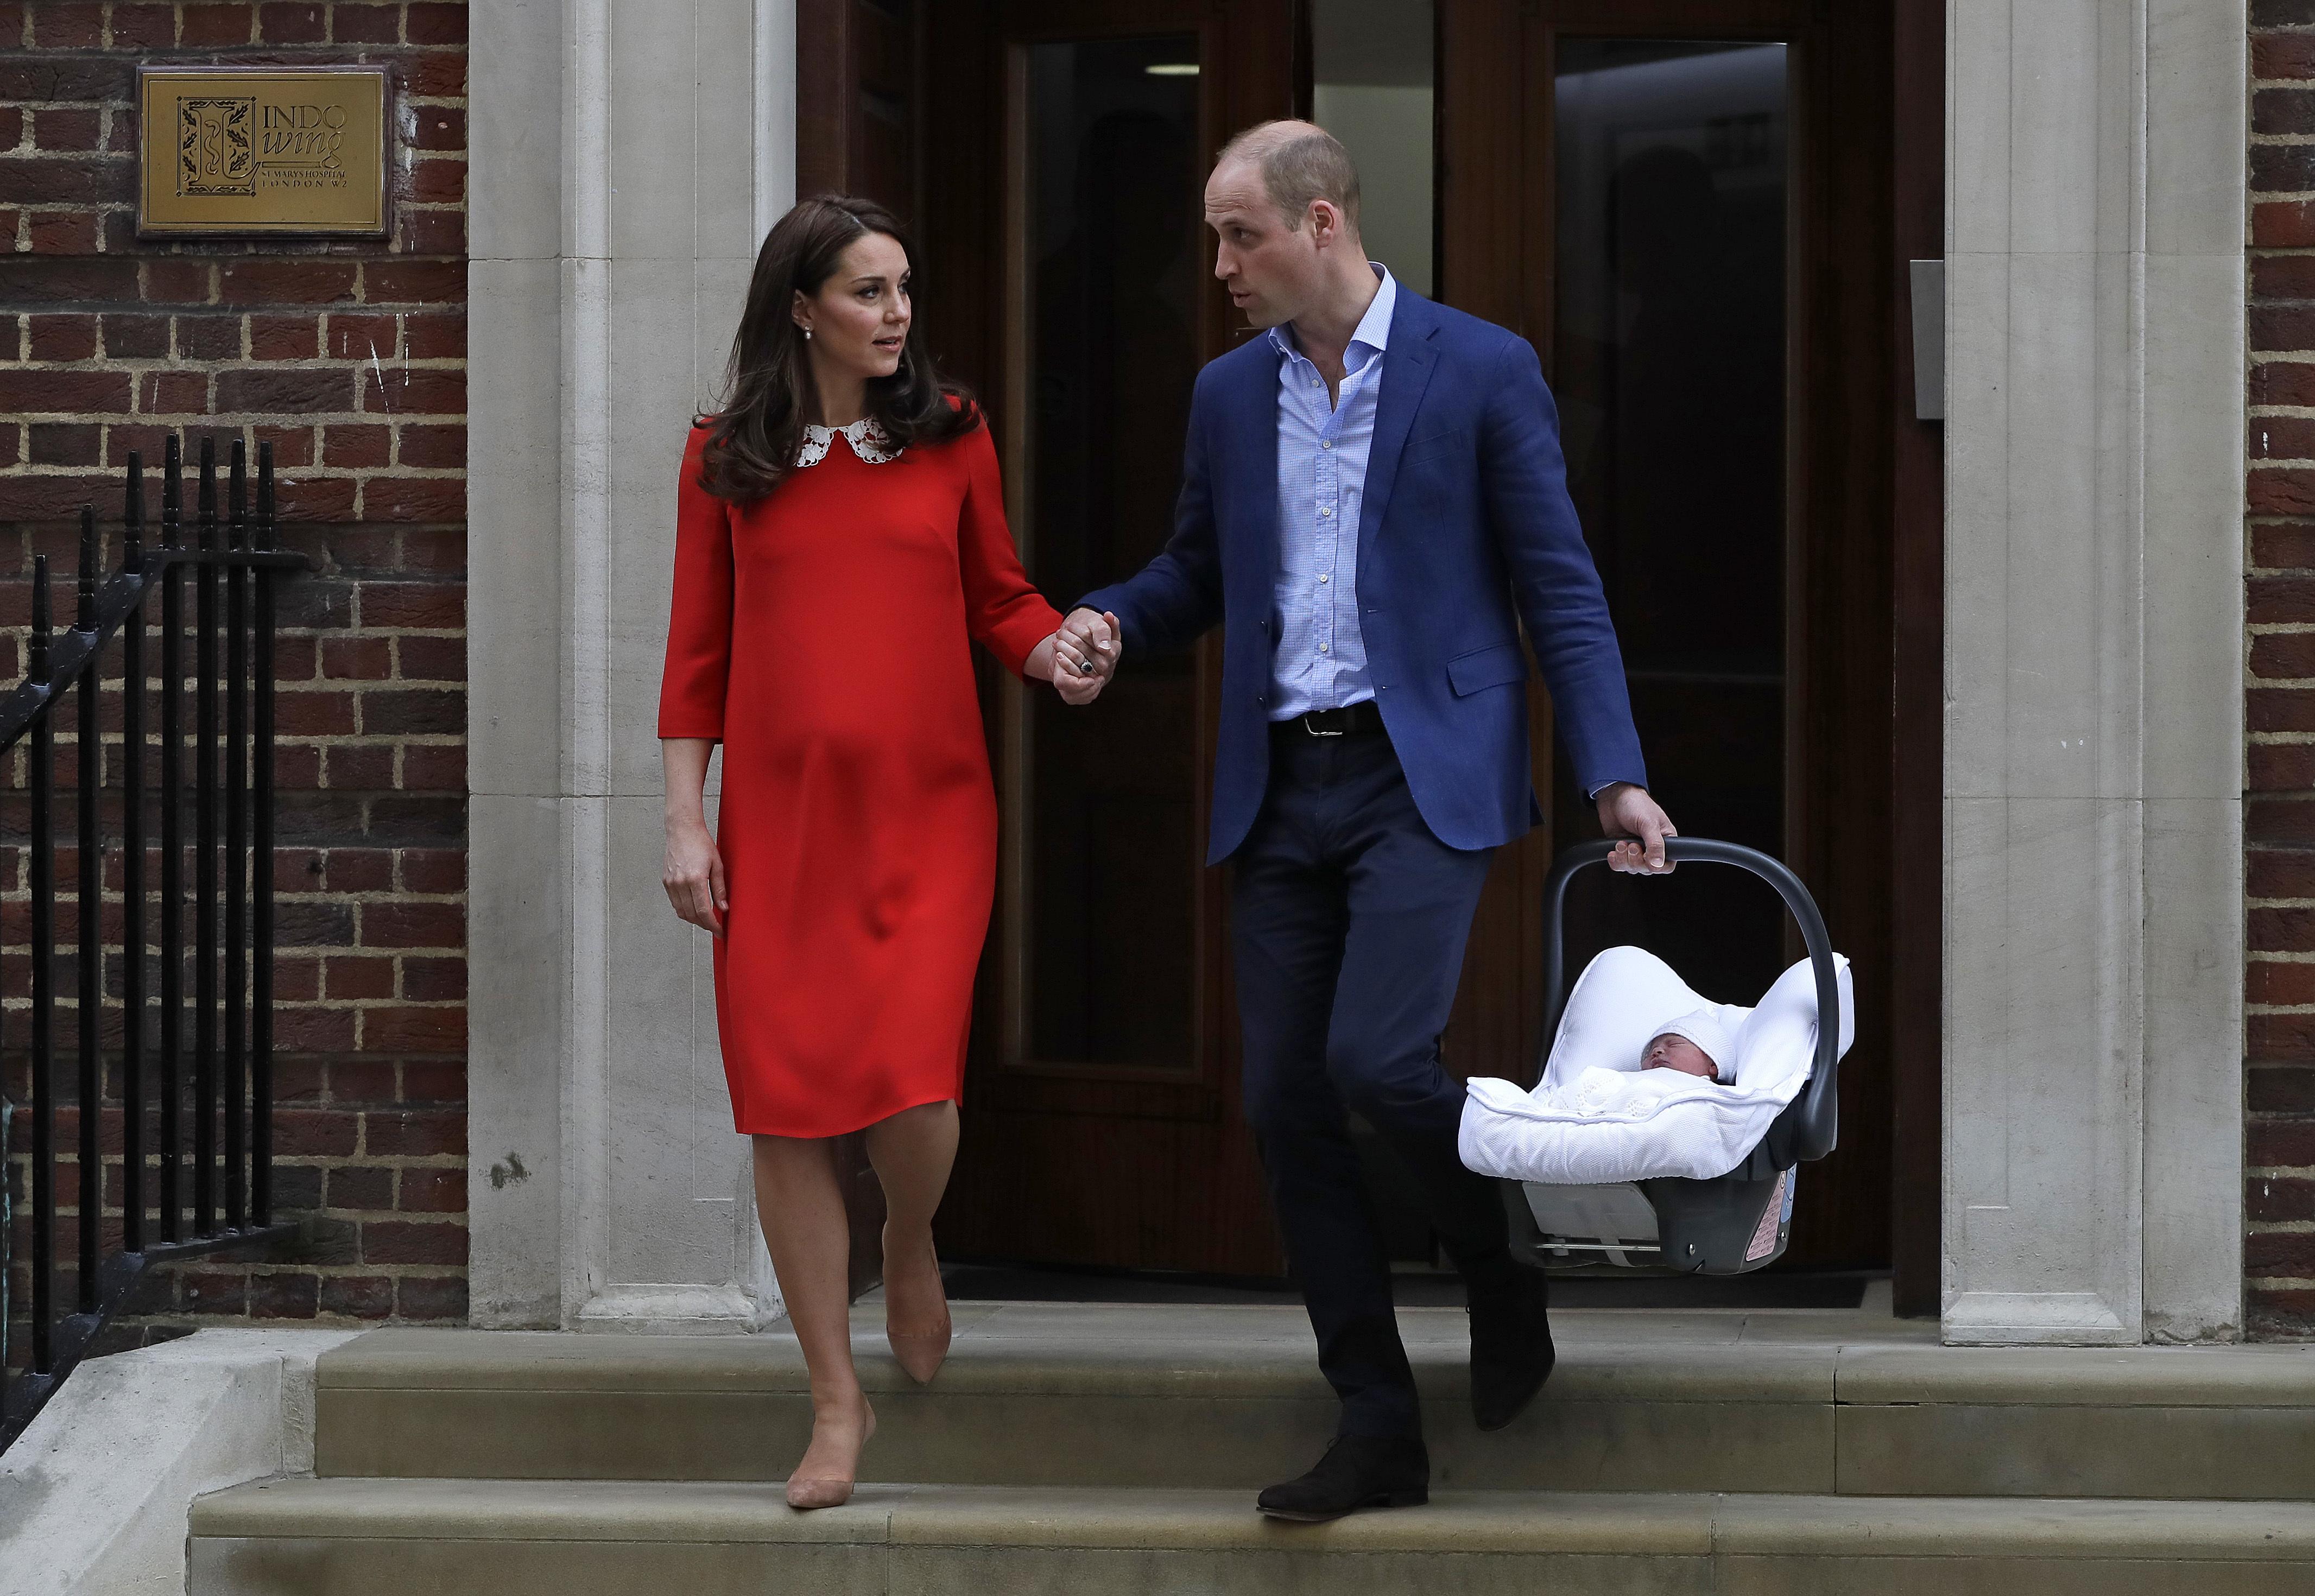 Britský princ William (vľavo) a Kate, vojvodkyňa z Cambridgeu odchádzajú so svojím novorodeným synom z nemocnice St. Mary v Londýne 23. apríla 2018. Manželka britského princa Williama, Catherine, porodila v pondelok syna, svoje tretie dieťa, v nemocnici v Londýne. Potomok je v poradí piatym v následníctve na trón.